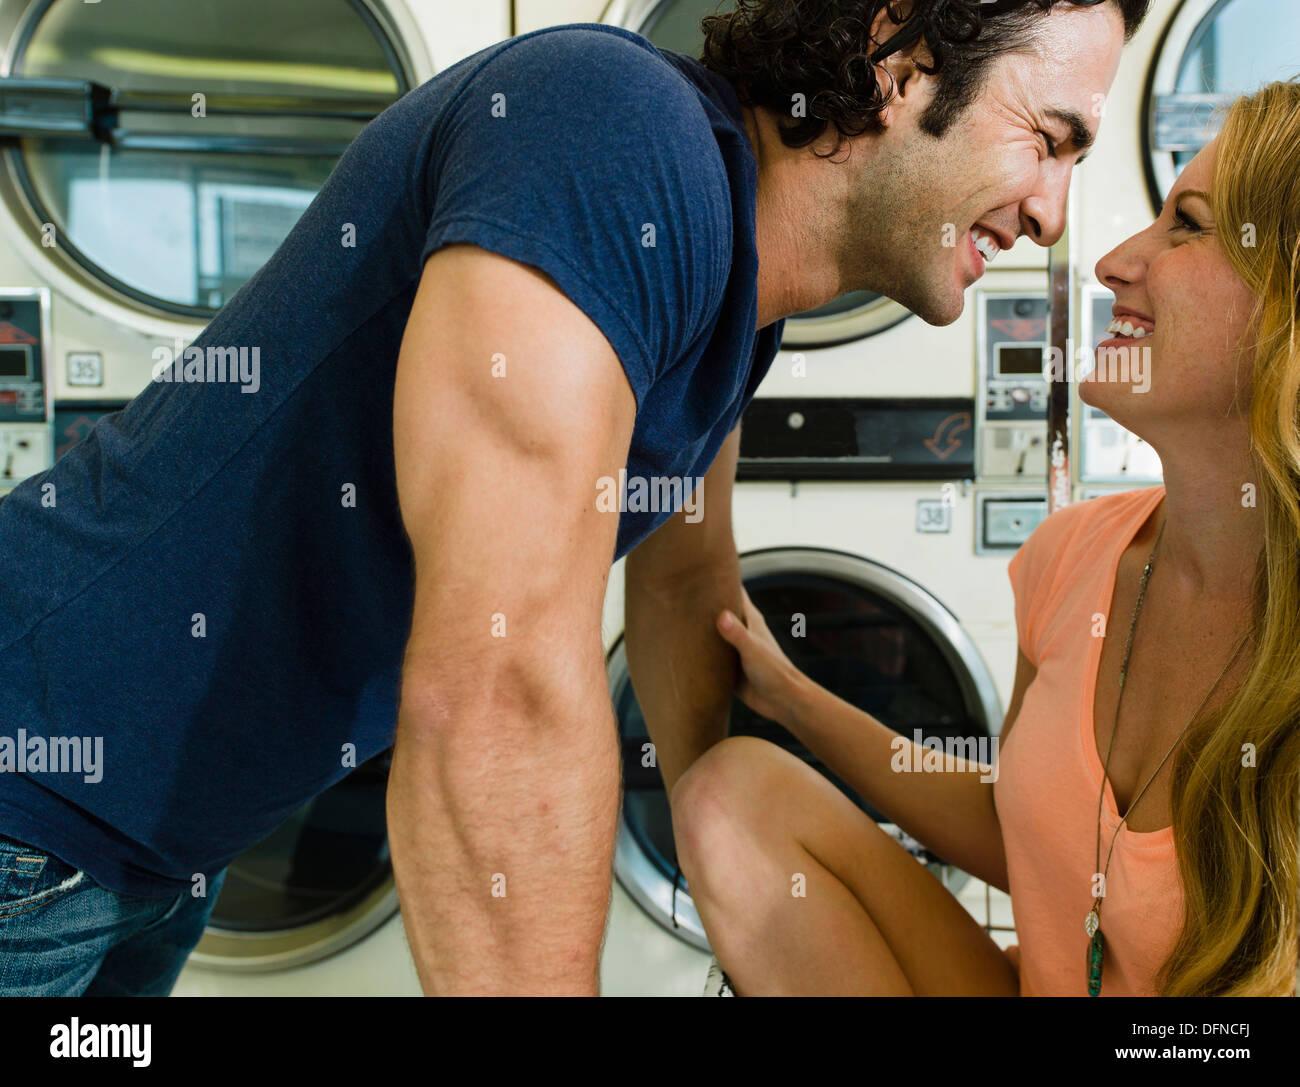 Un jeune homme fait d'une belle dame à San Diego coin laverie. Photo Stock